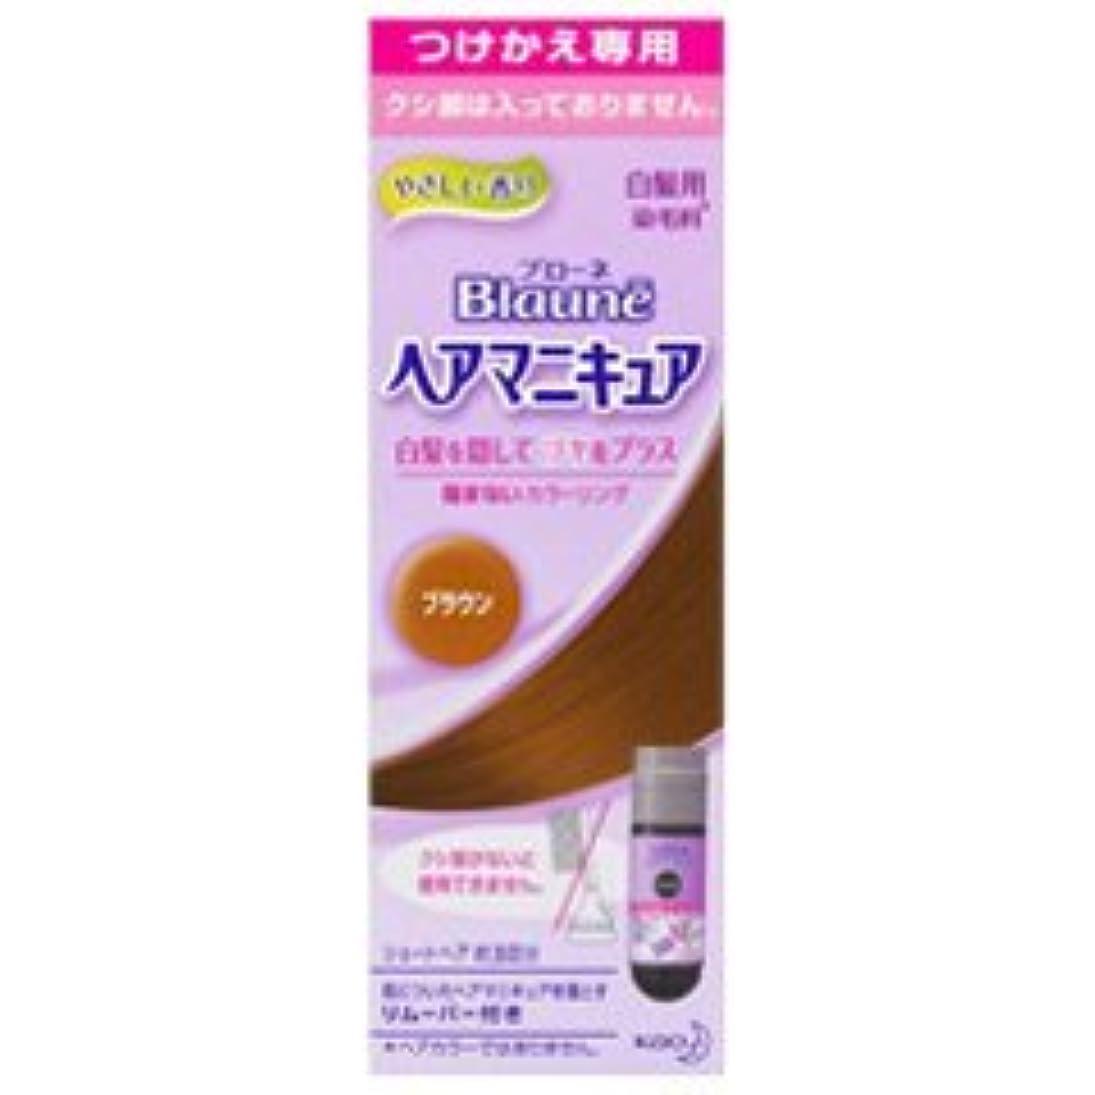 【花王】ブローネ ヘアマニキュア 白髪用つけかえ用ブラウン ×5個セット